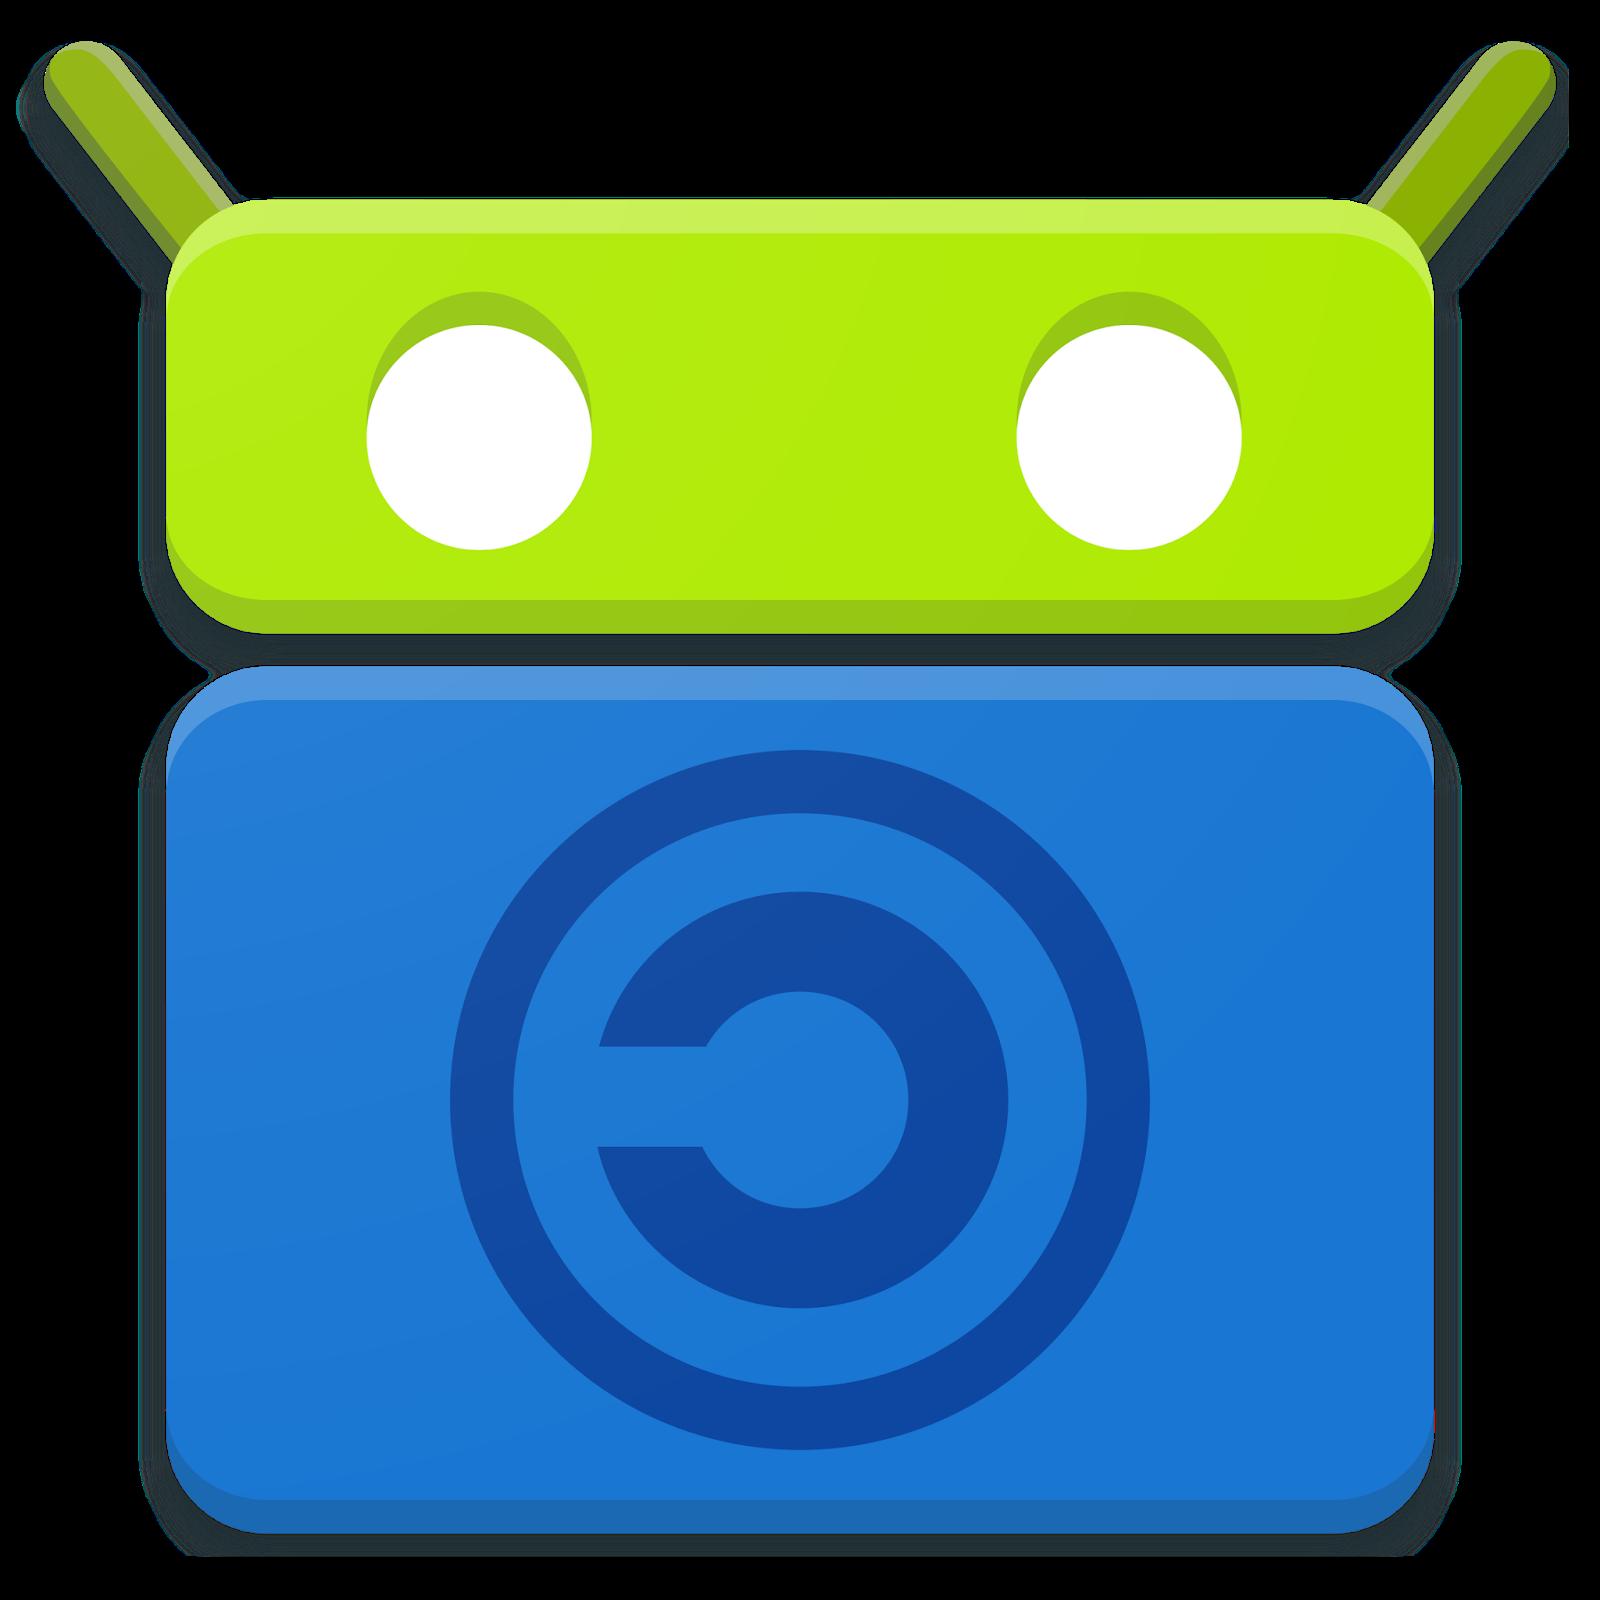 fdroid-logo